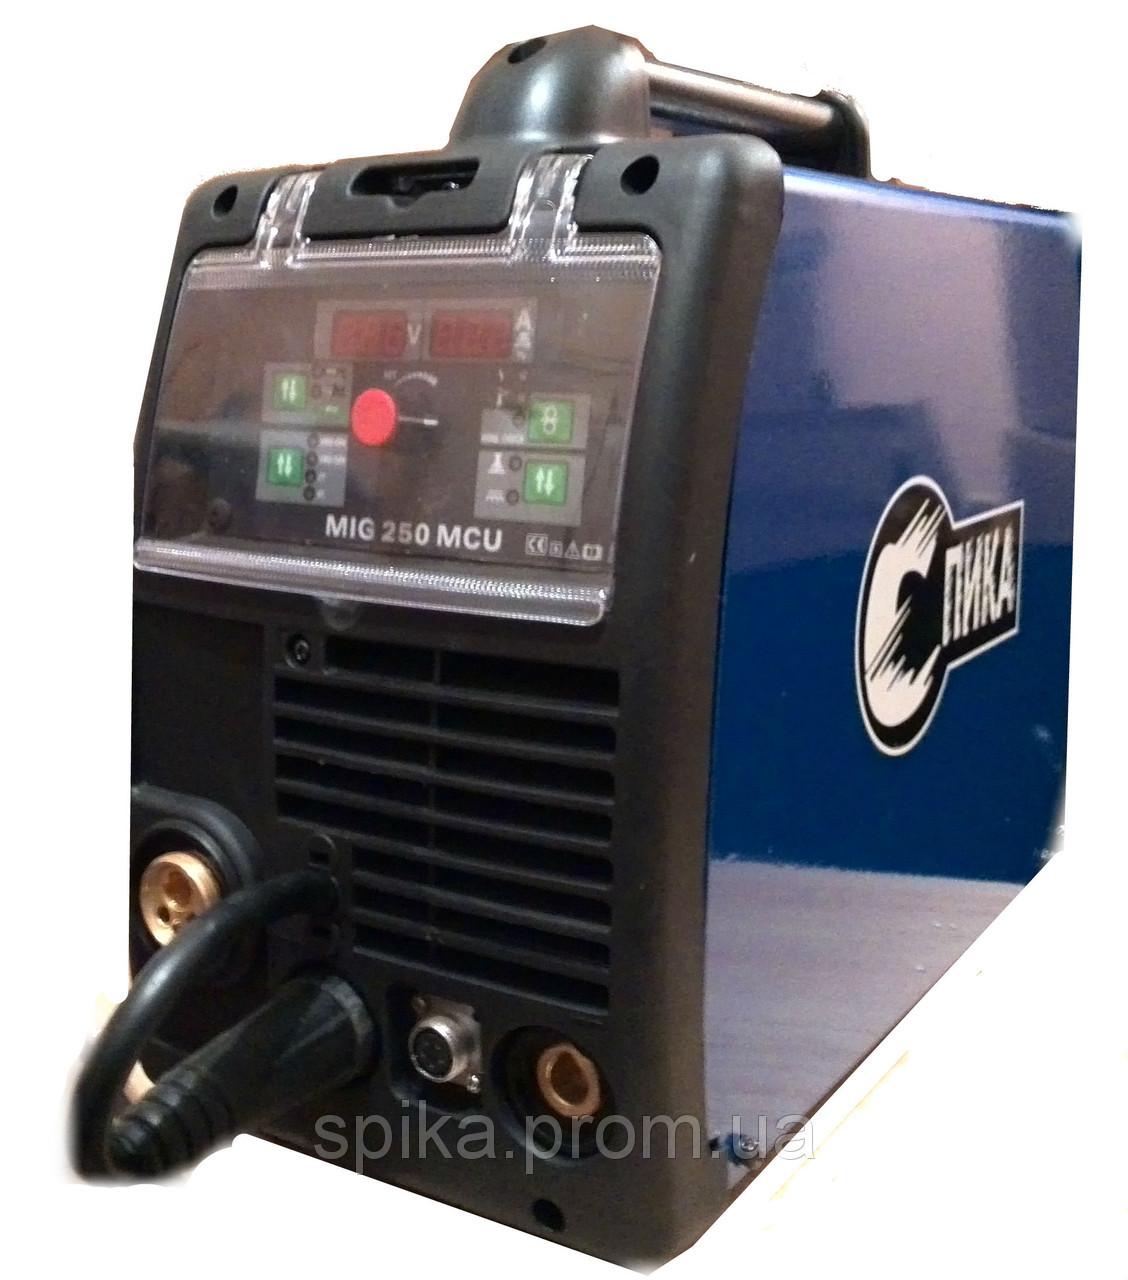 Инверторный полуавтомат СПИКА MIG 250MCU